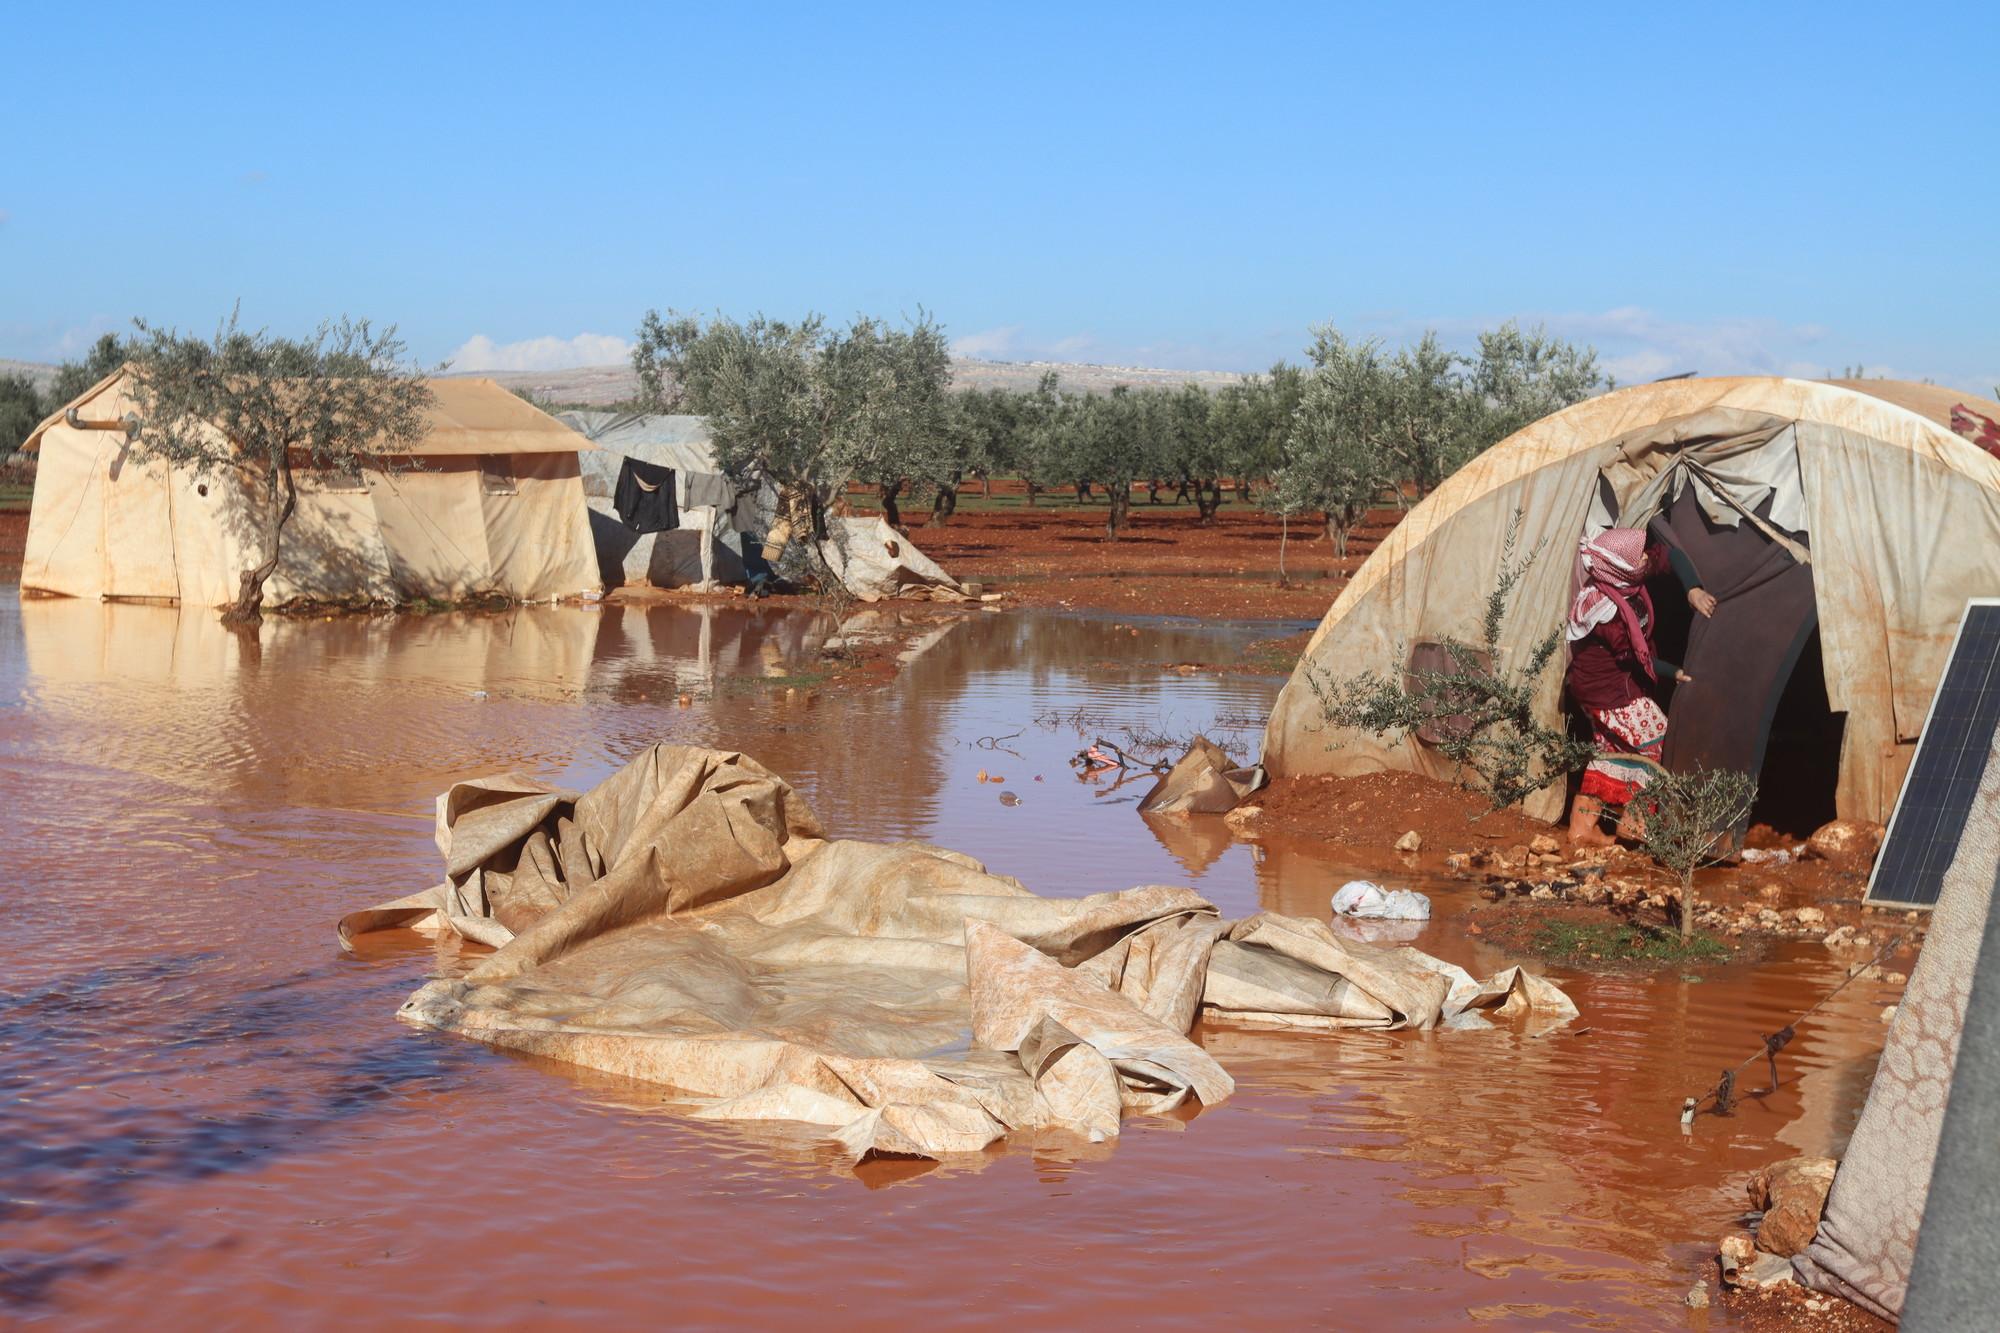 Uma mulher entra em uma barraca em um acampamento inundado por água lamacenta na altura dos joelhos.